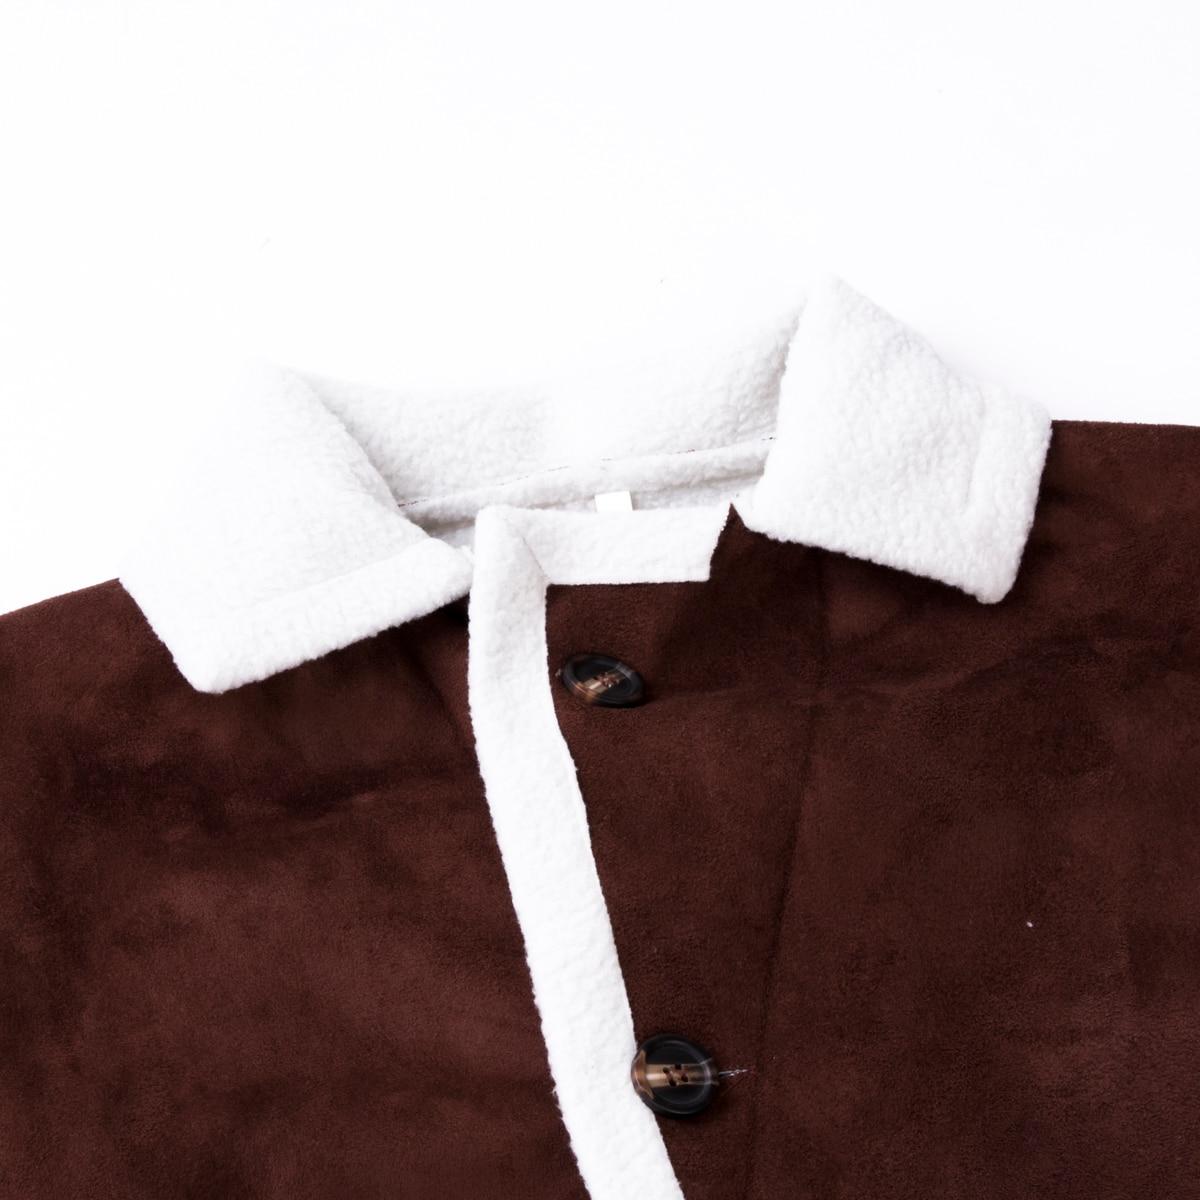 H655da6fcc6f940eebb50b5dd70a9da64J Men's Winter Warm Trench Windproof Fur Fleece Long Coat Overcoat Lapel Warm Fluffy Jacket Buttons Outerwear Plus Size Coat